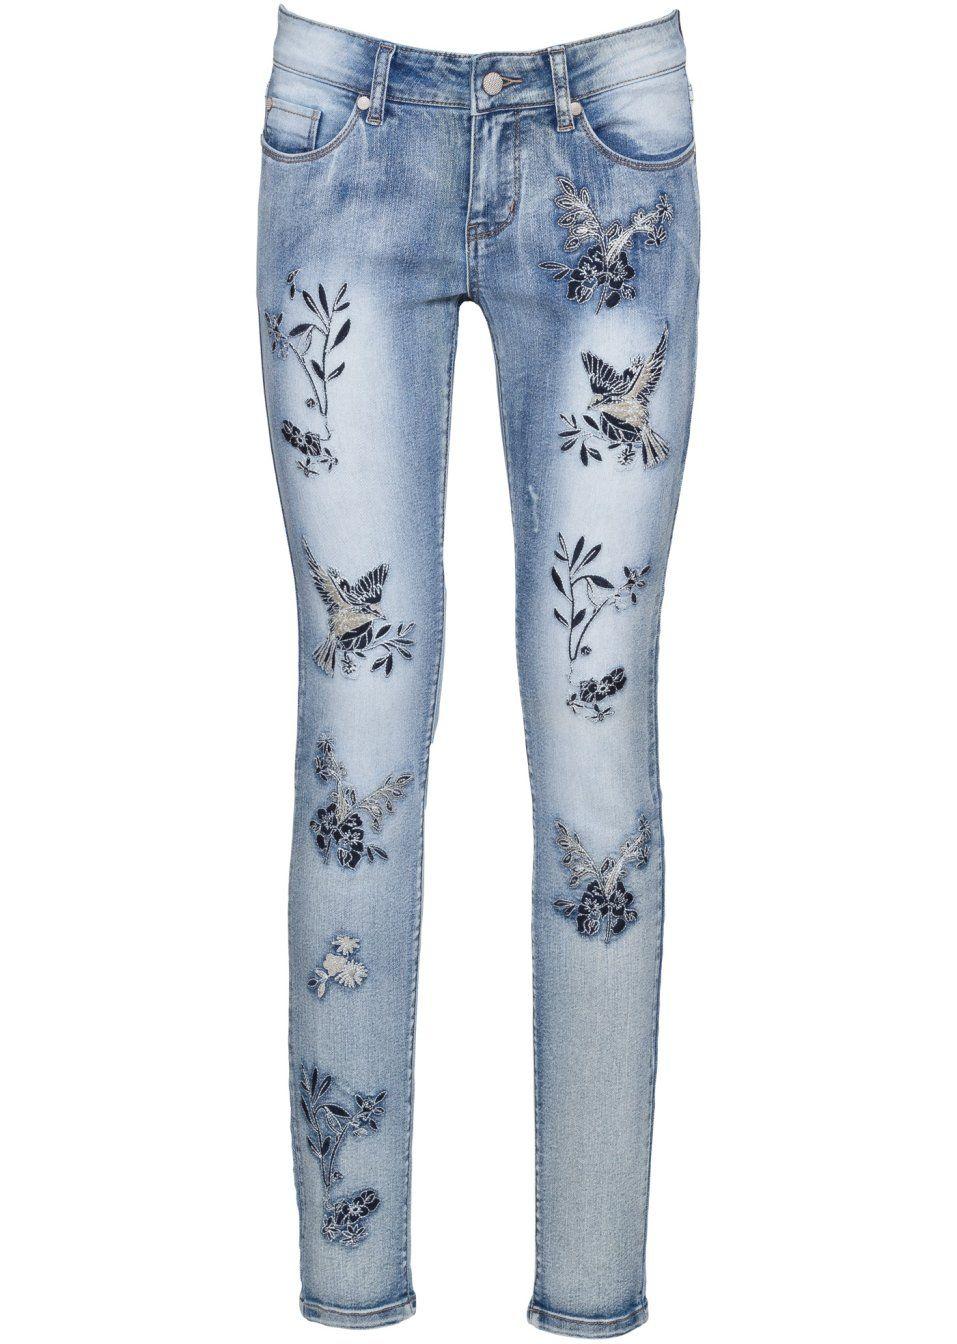 237eada6348 Заказать в Интернет-магазине bonprix.ru Джинсы Skinny с вышивкой голубой -  RAINBOW от